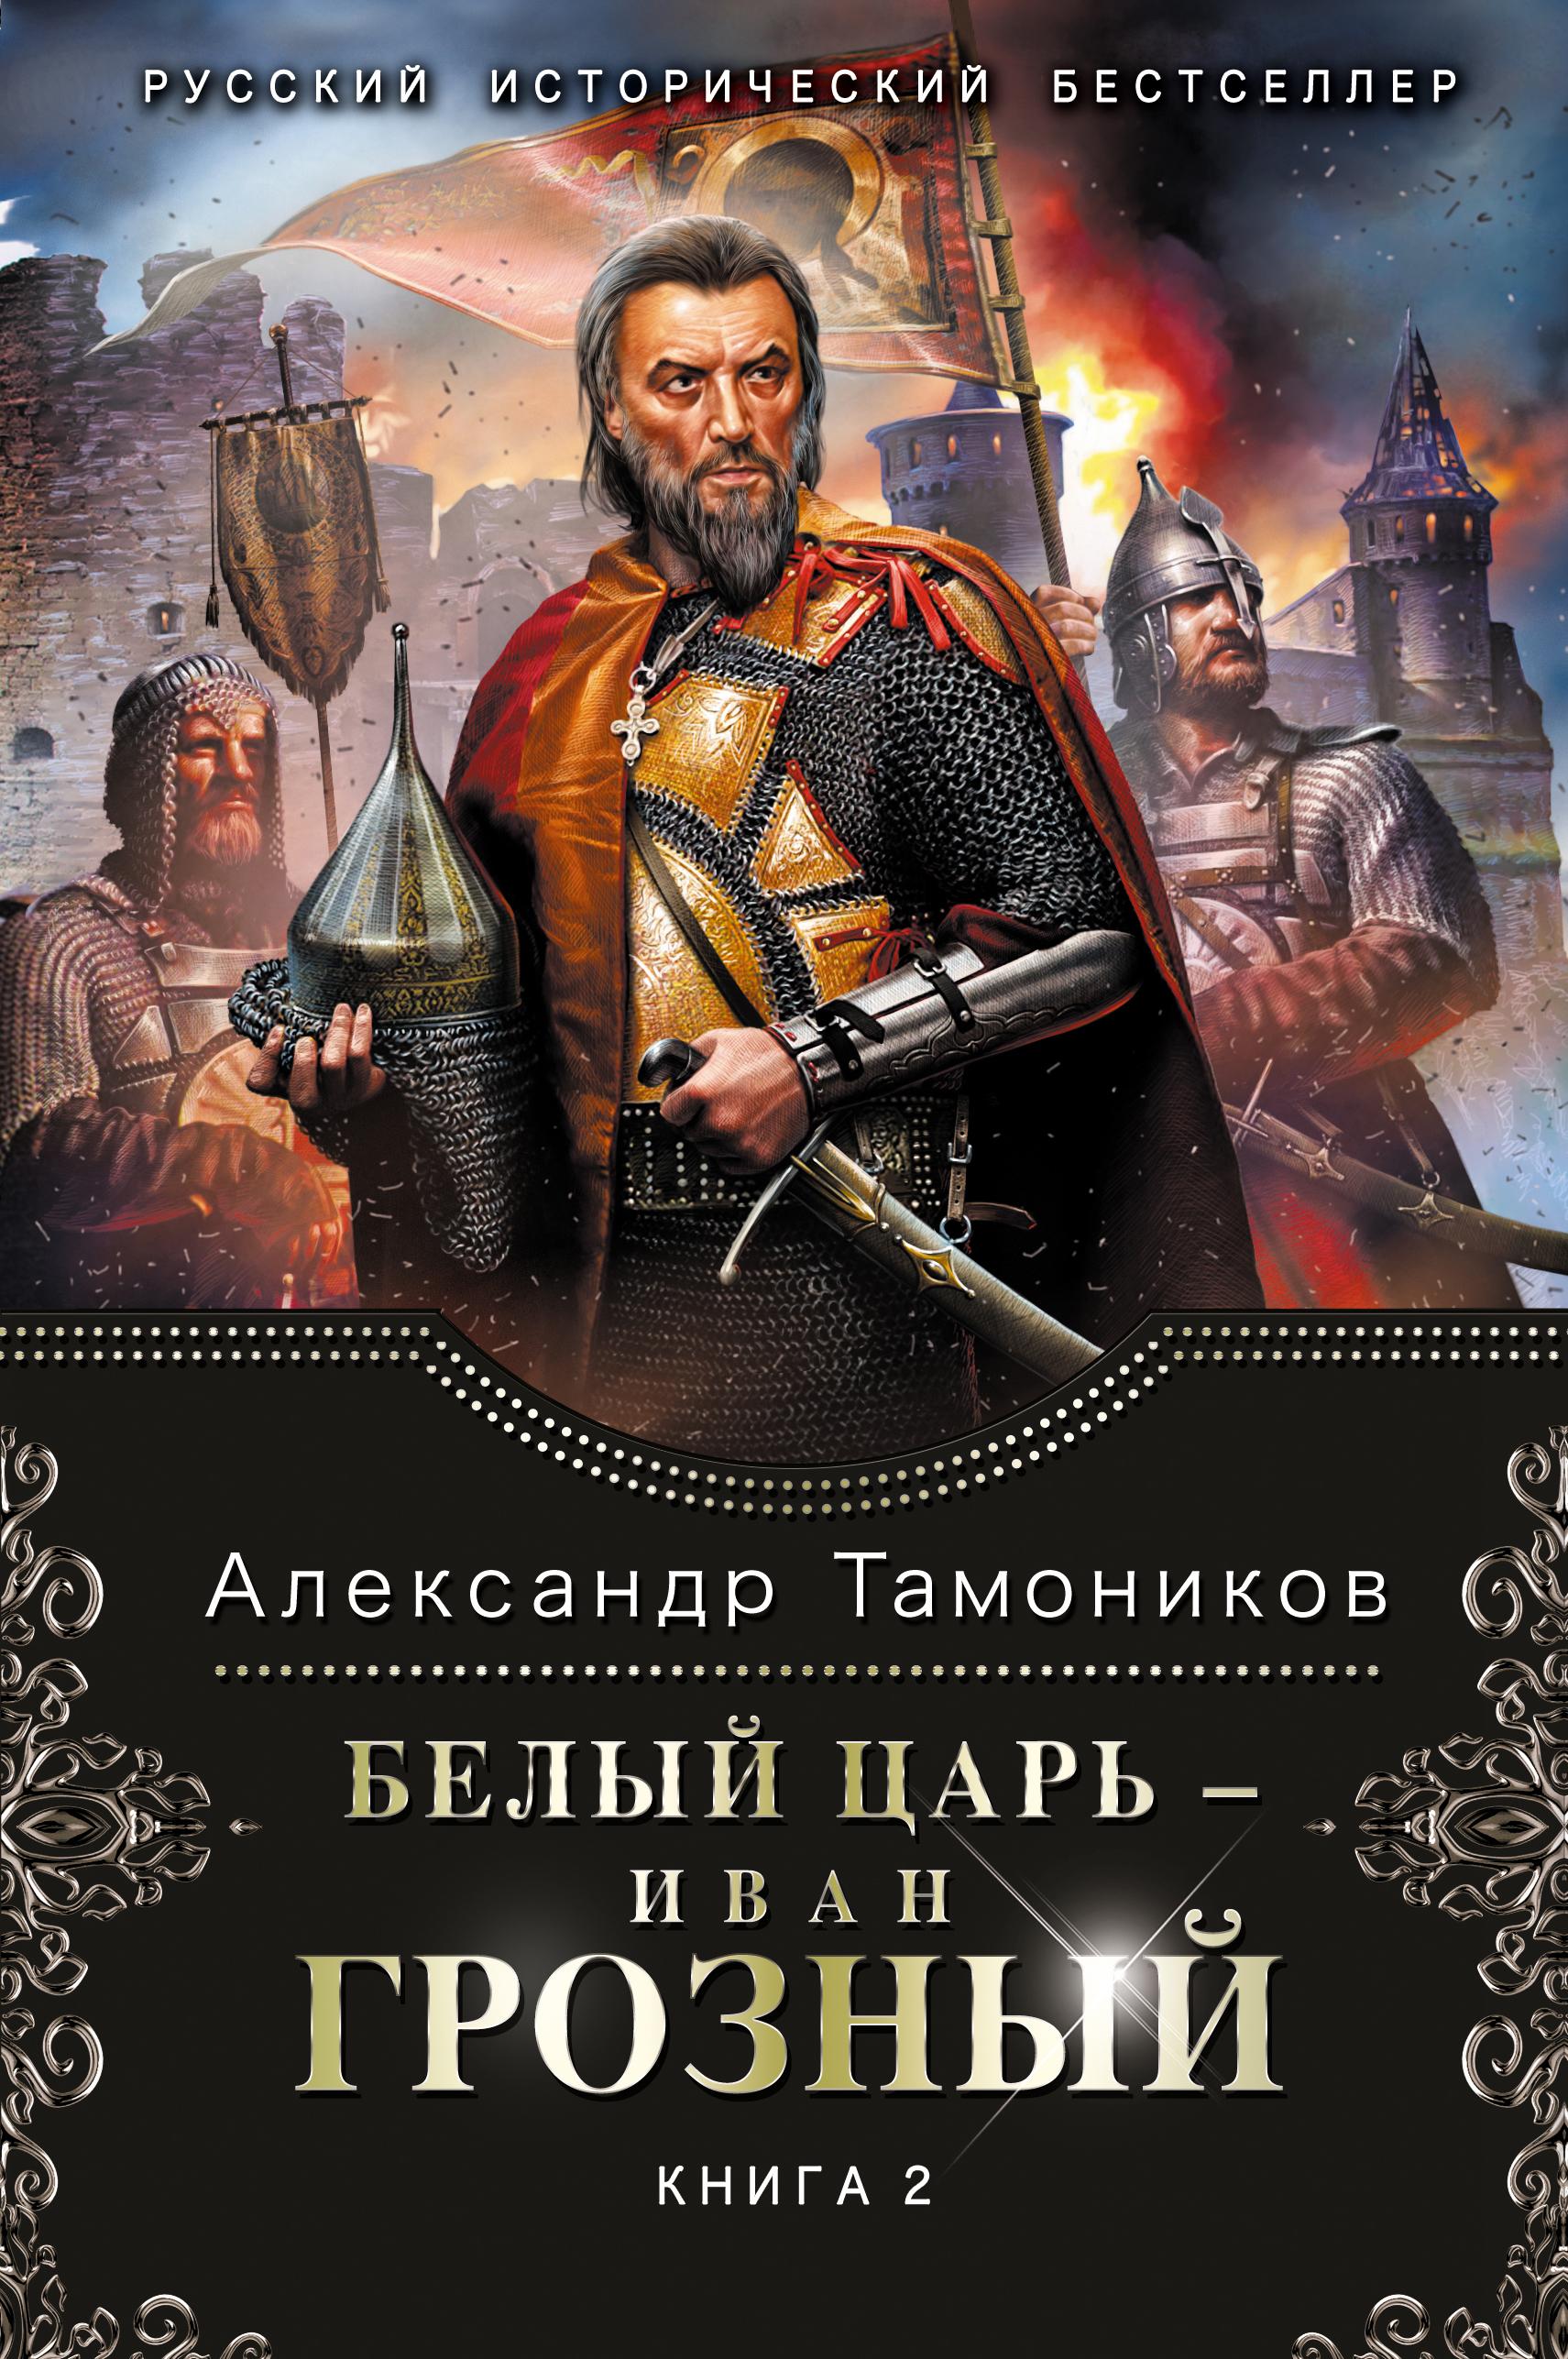 Купить со скидкой Белый царь - Иван Грозный. Книга 2